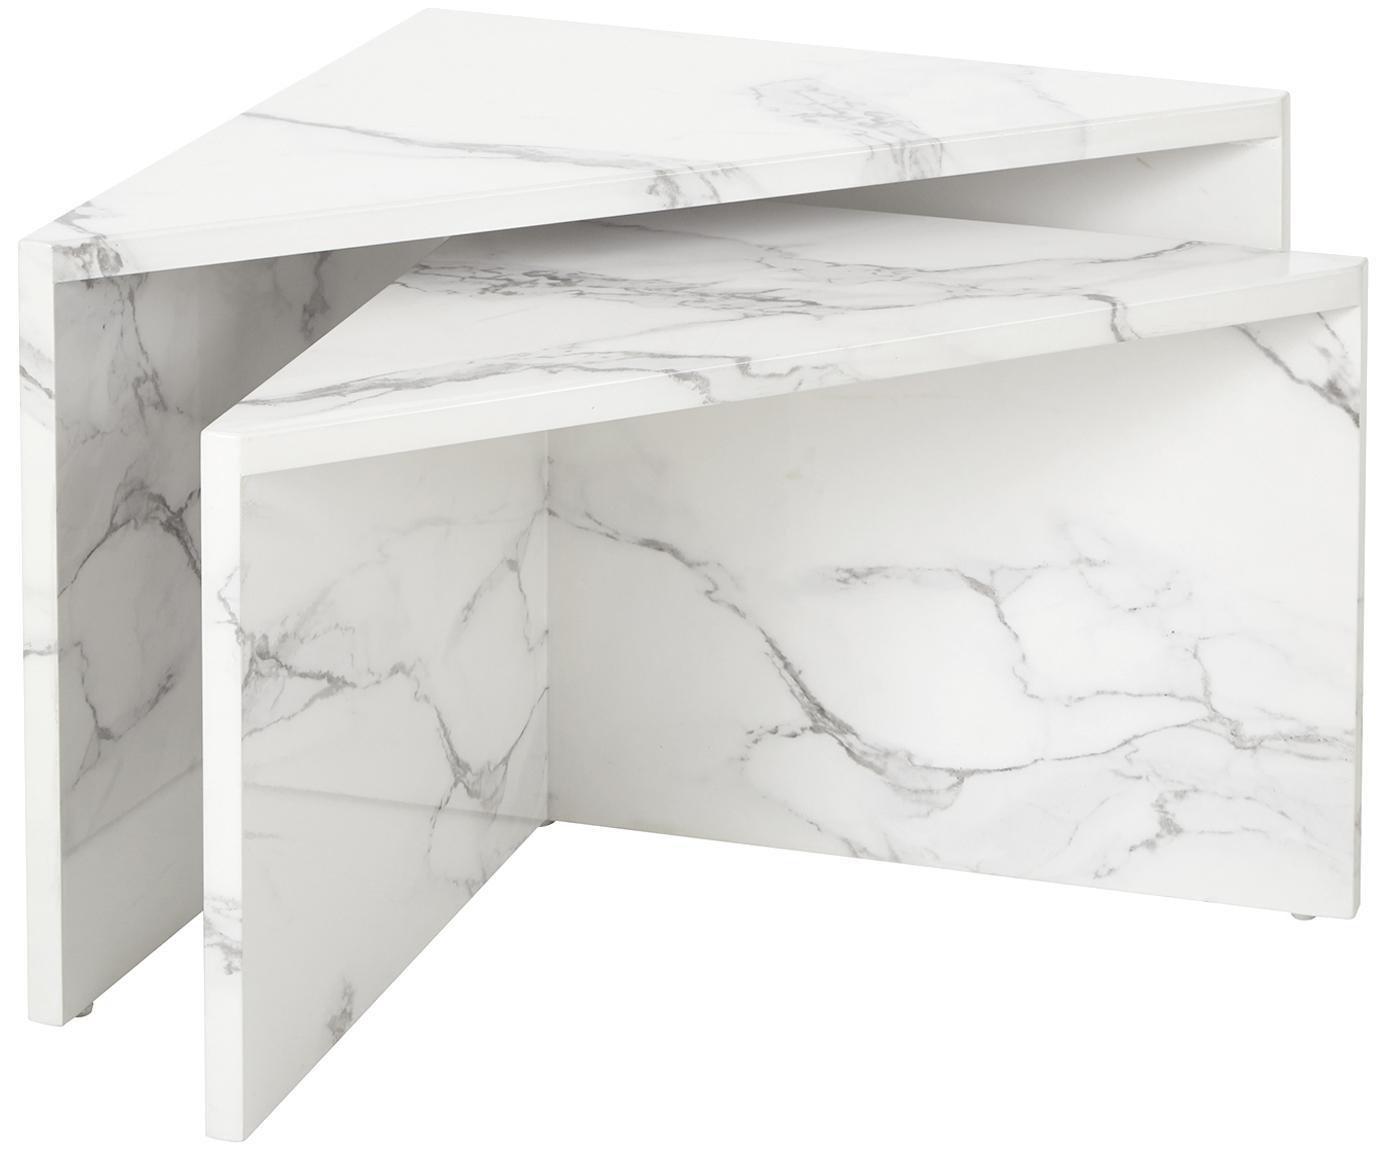 Couchtisch-Set Vilma in Marmor-Optik, 2-tlg., Mitteldichte Holzfaserplatte (MDF), mit lackbeschichtetem Papier in Marmoroptik überzogen, Weiß, marmoriert, glänzend, Sondergrößen